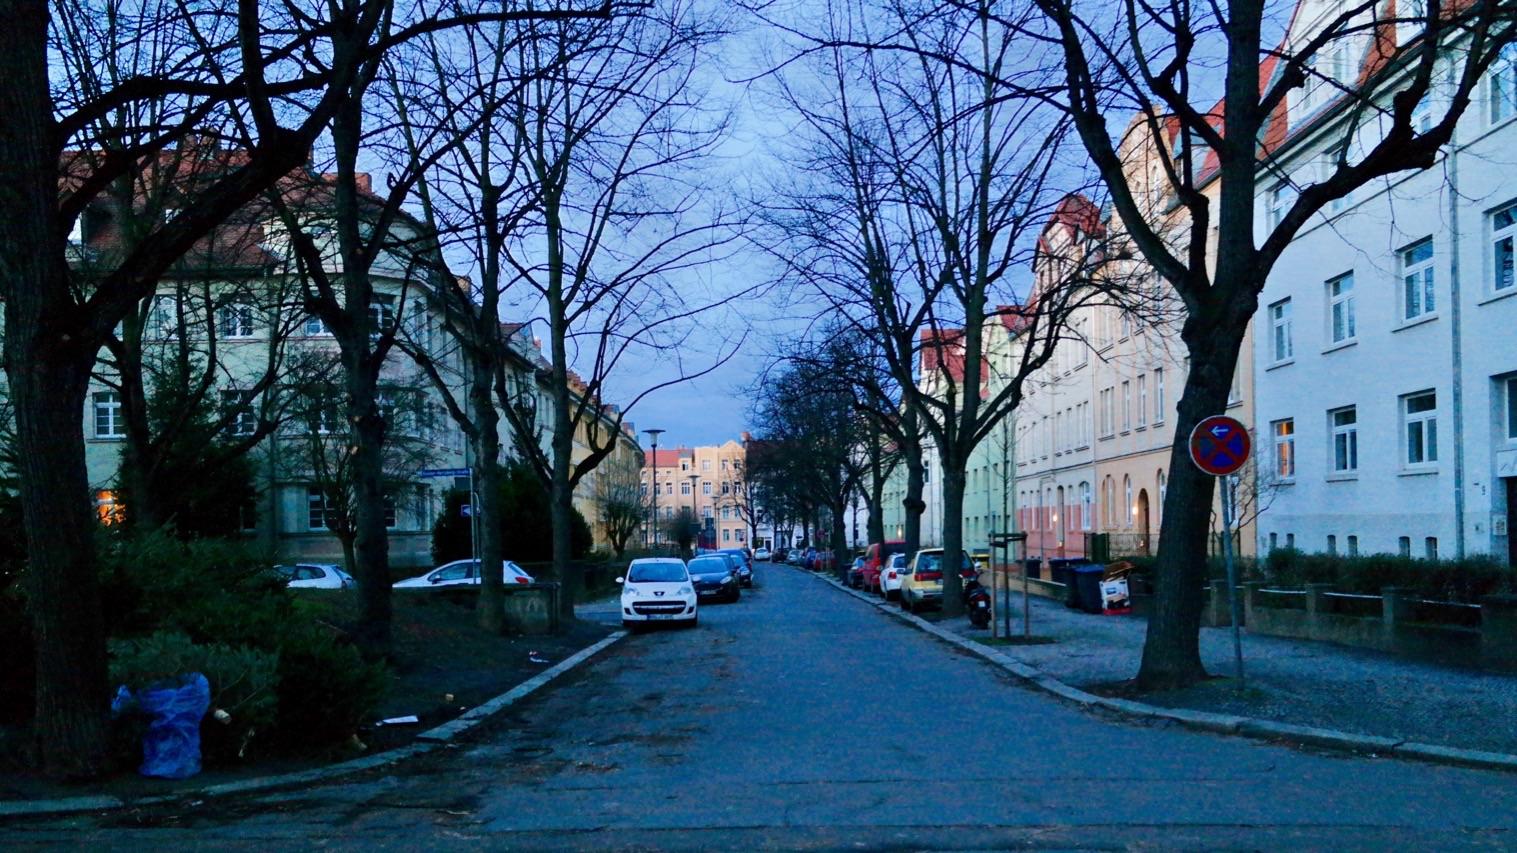 Halle: Gustav-Herzberg-Straße